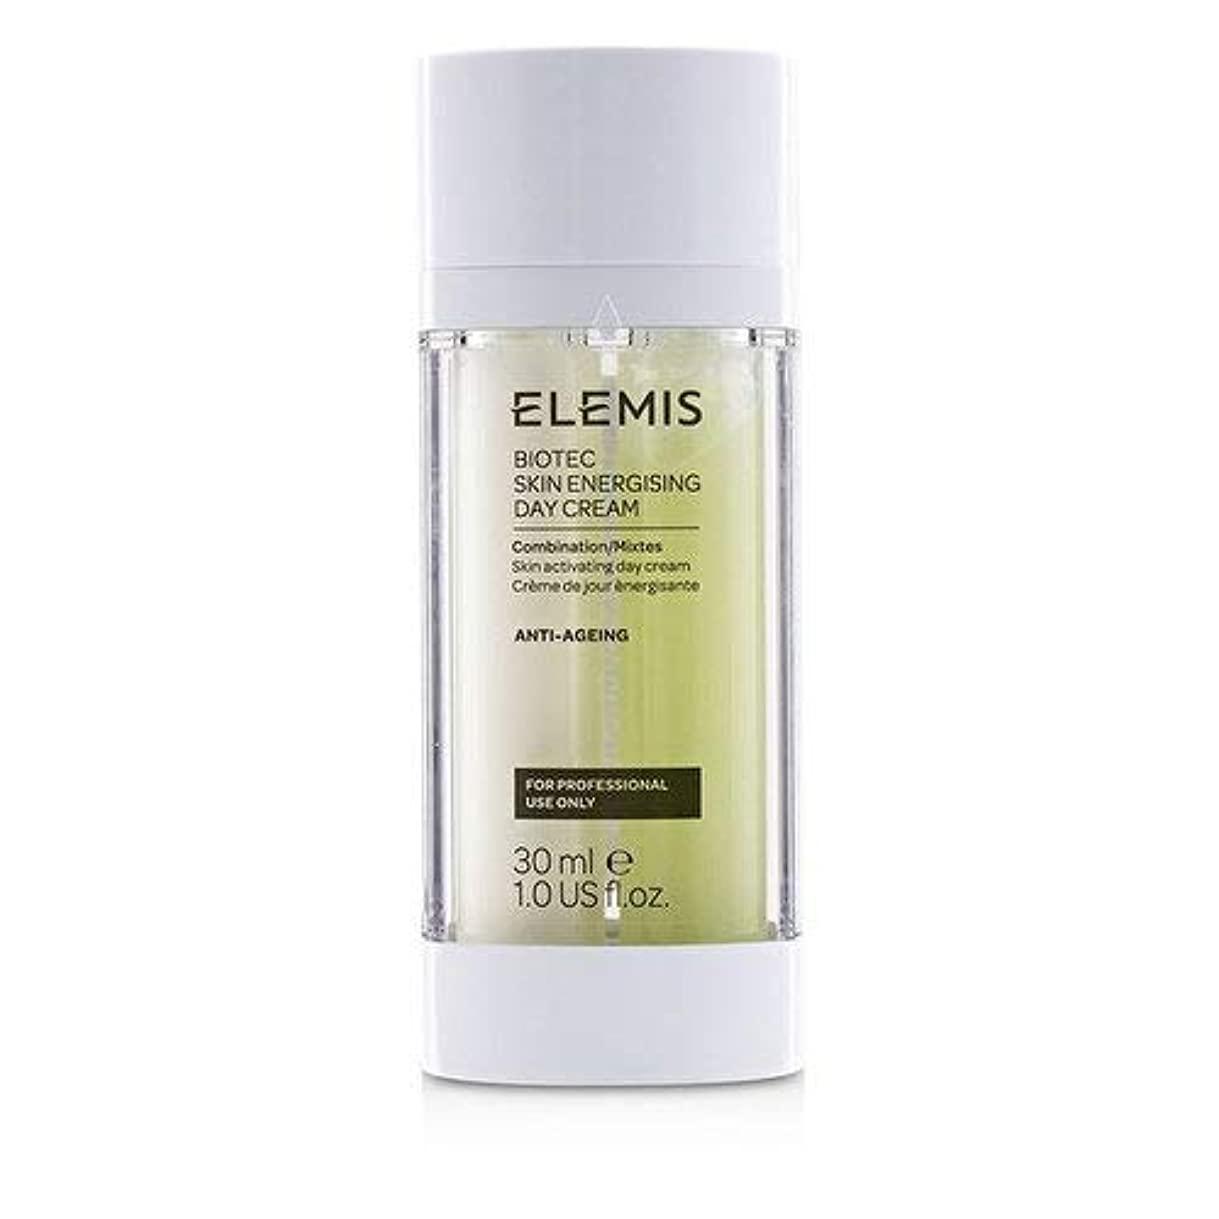 増強縫うほとんどの場合エレミス BIOTEC Skin Energising Day Cream - Combination (Salon Product) 30ml/1oz並行輸入品